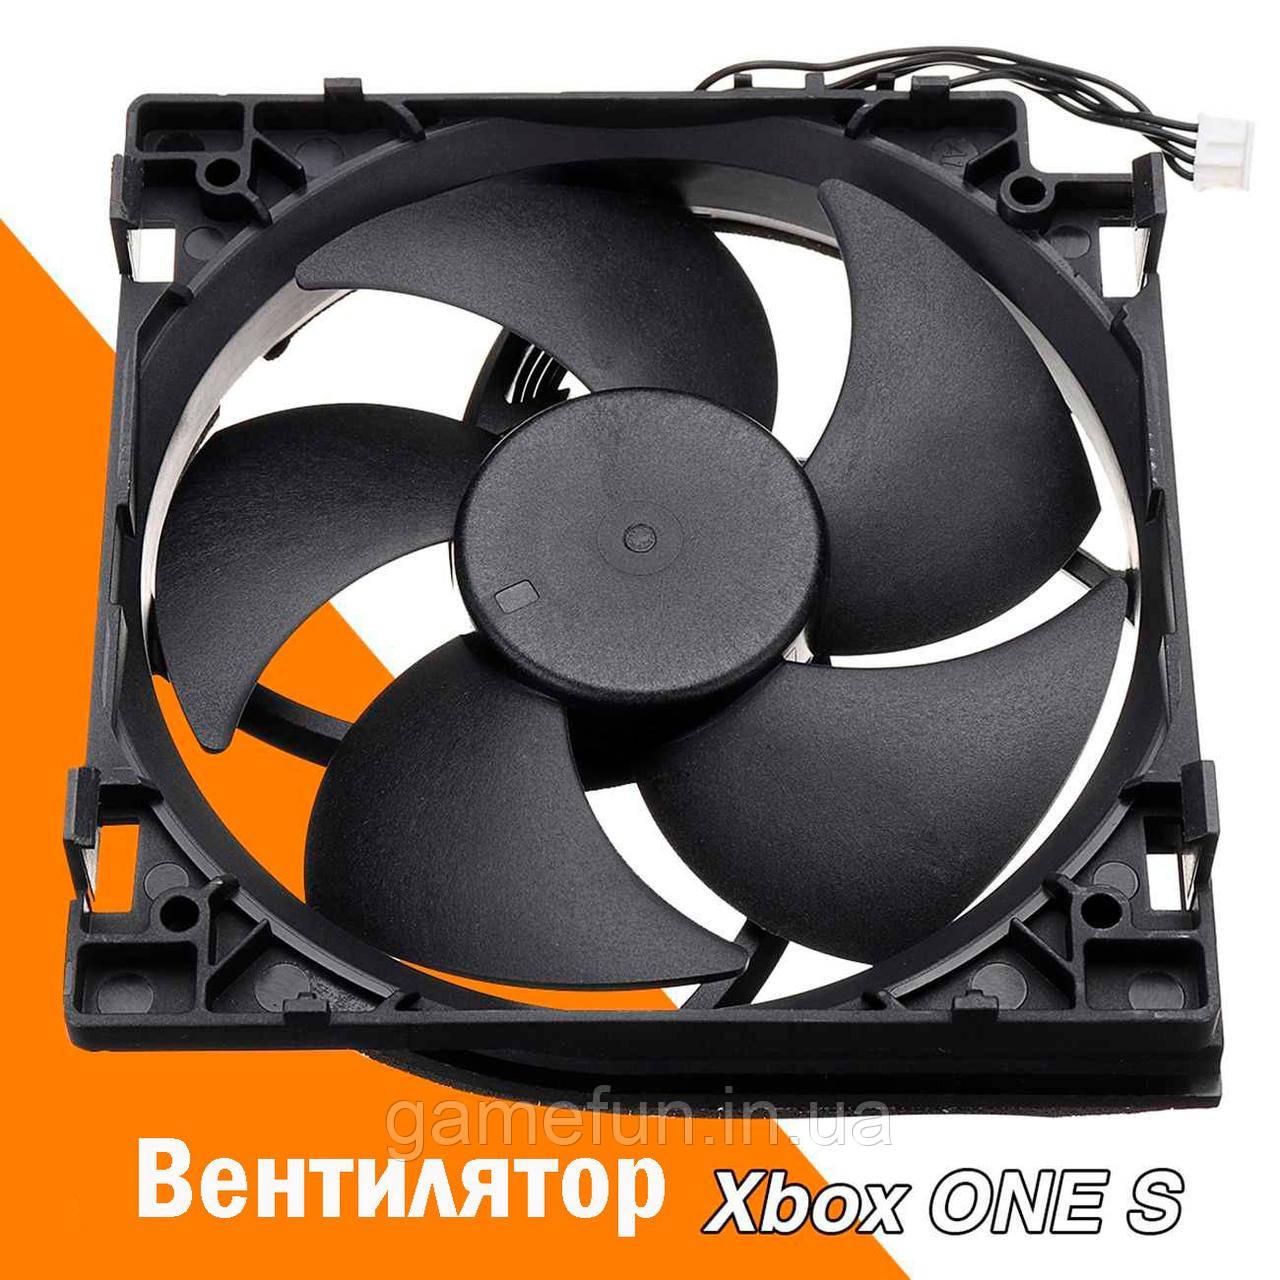 Вентилятор внутренний Xbox one S 4 Pin (Оригинал)